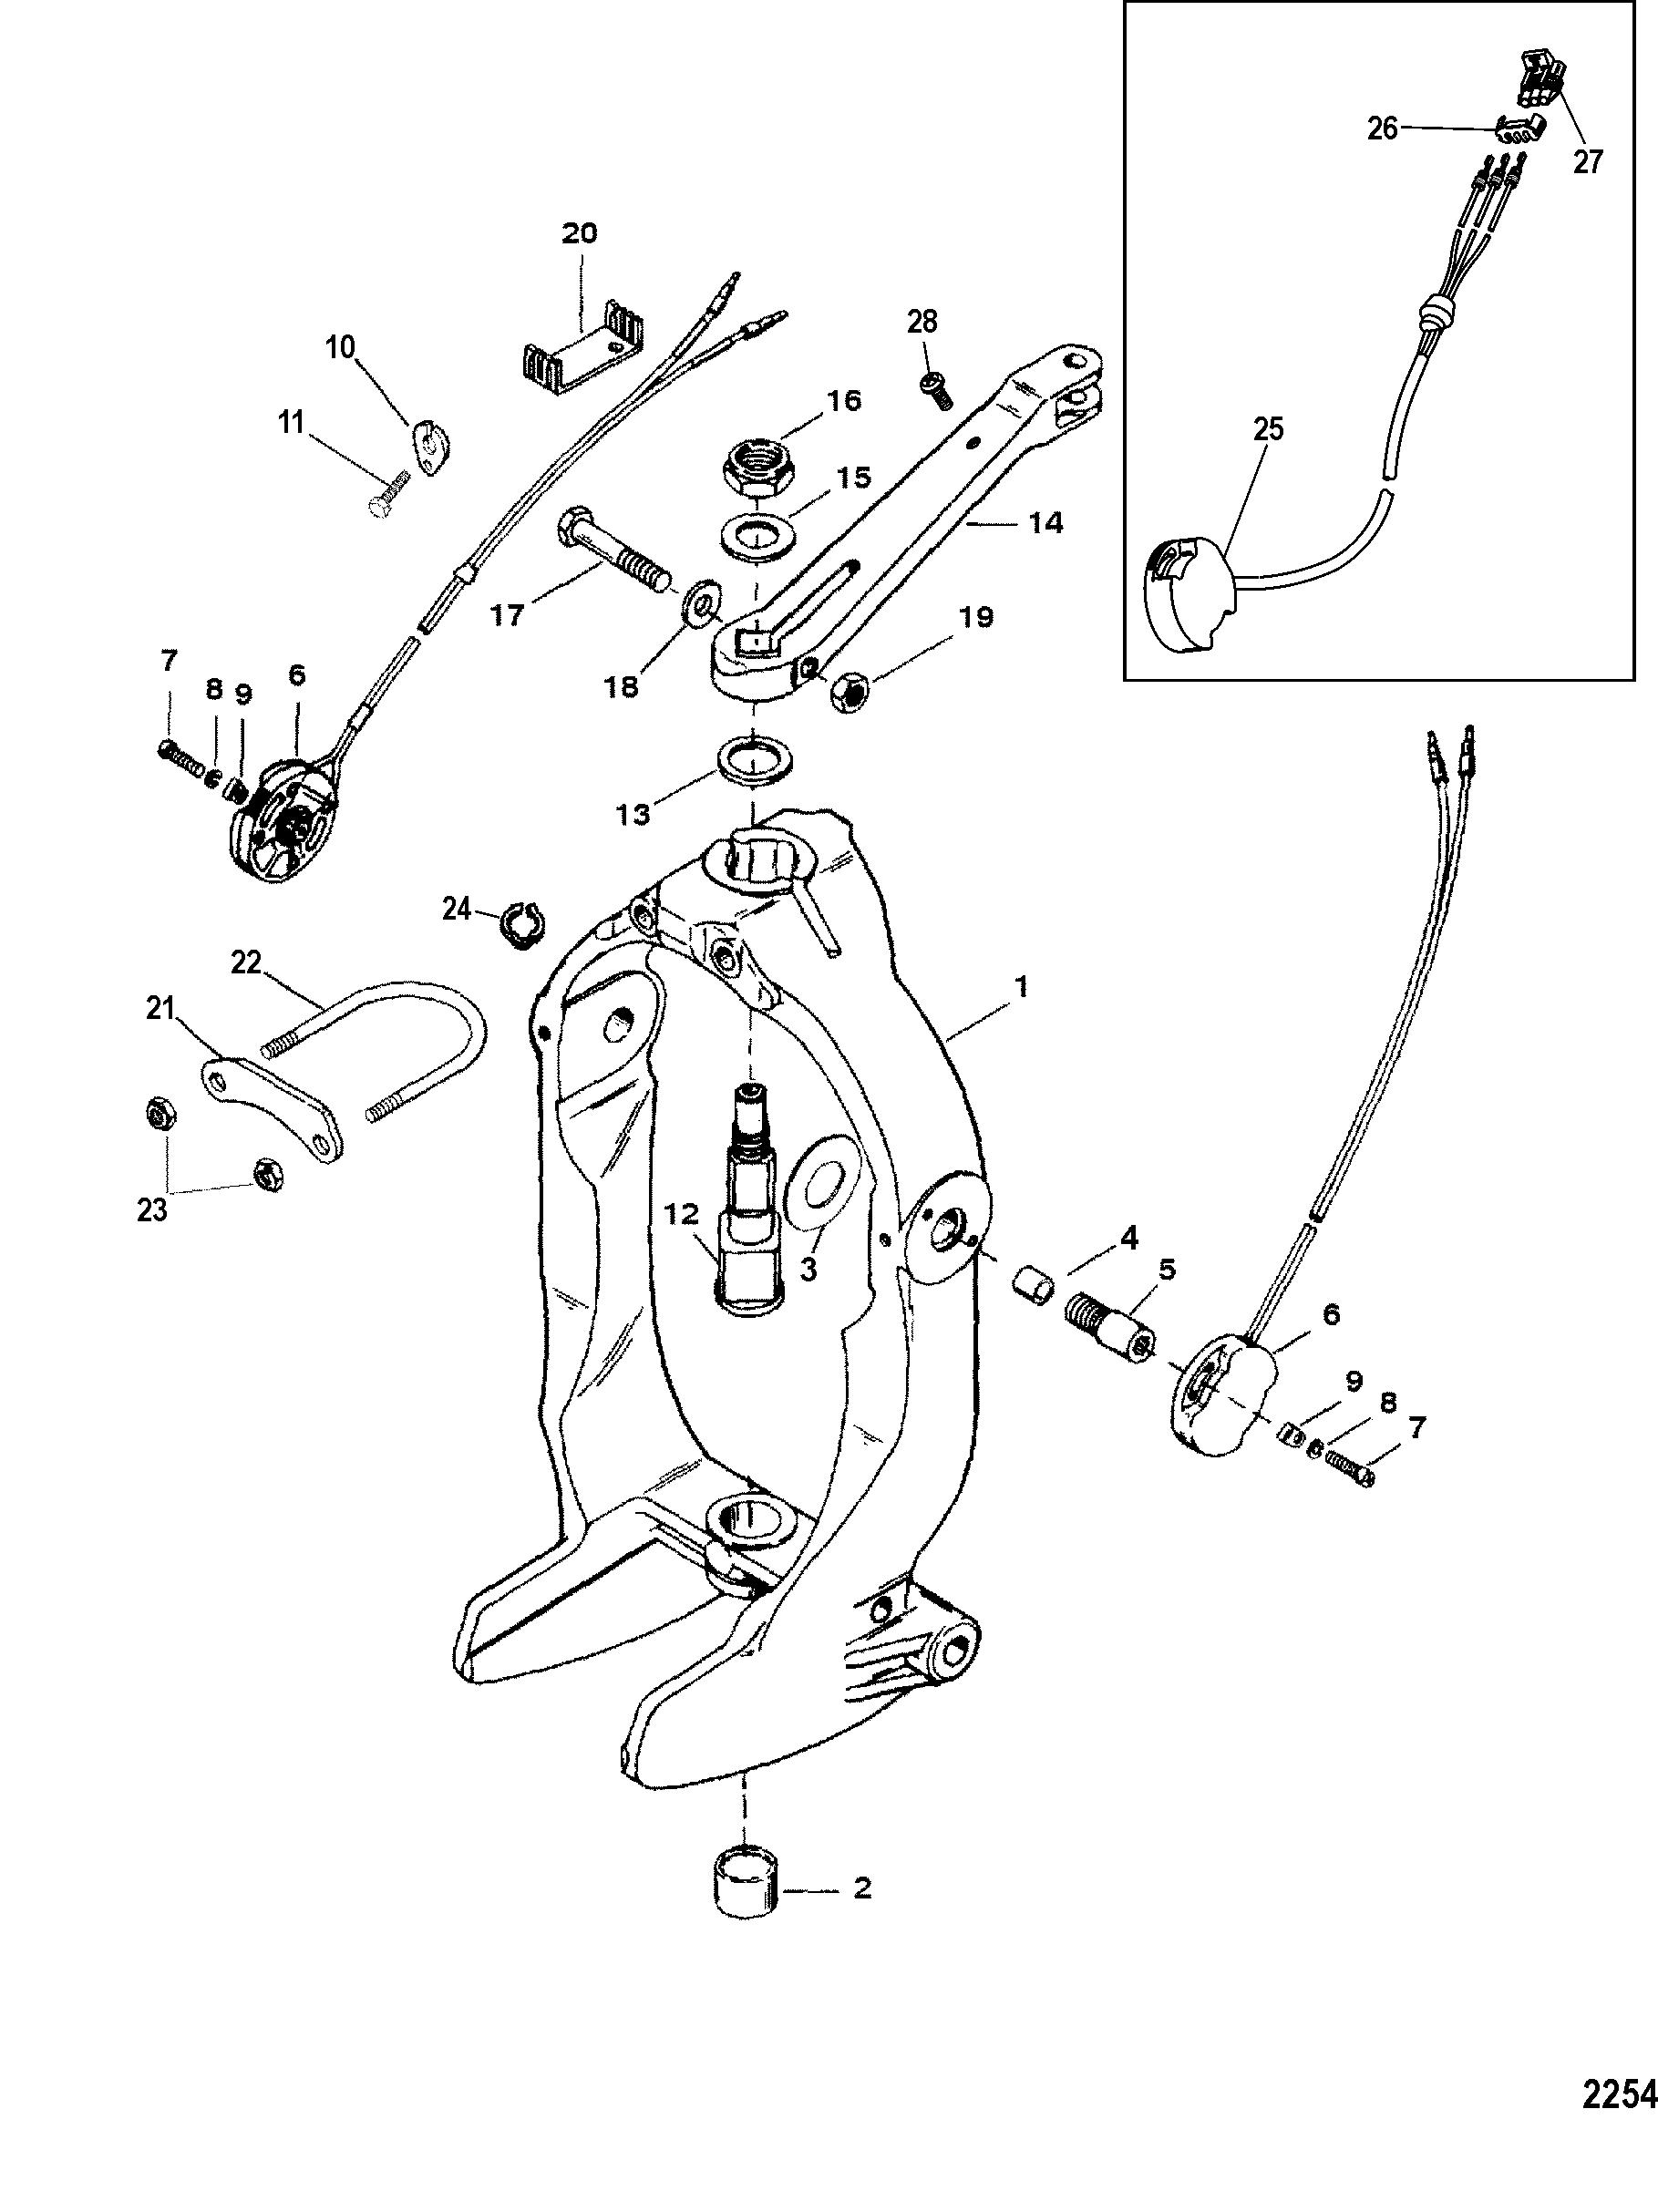 Gimbal Ring And Steering Lever FOR MERCRUISER BRAVO X I-II-III